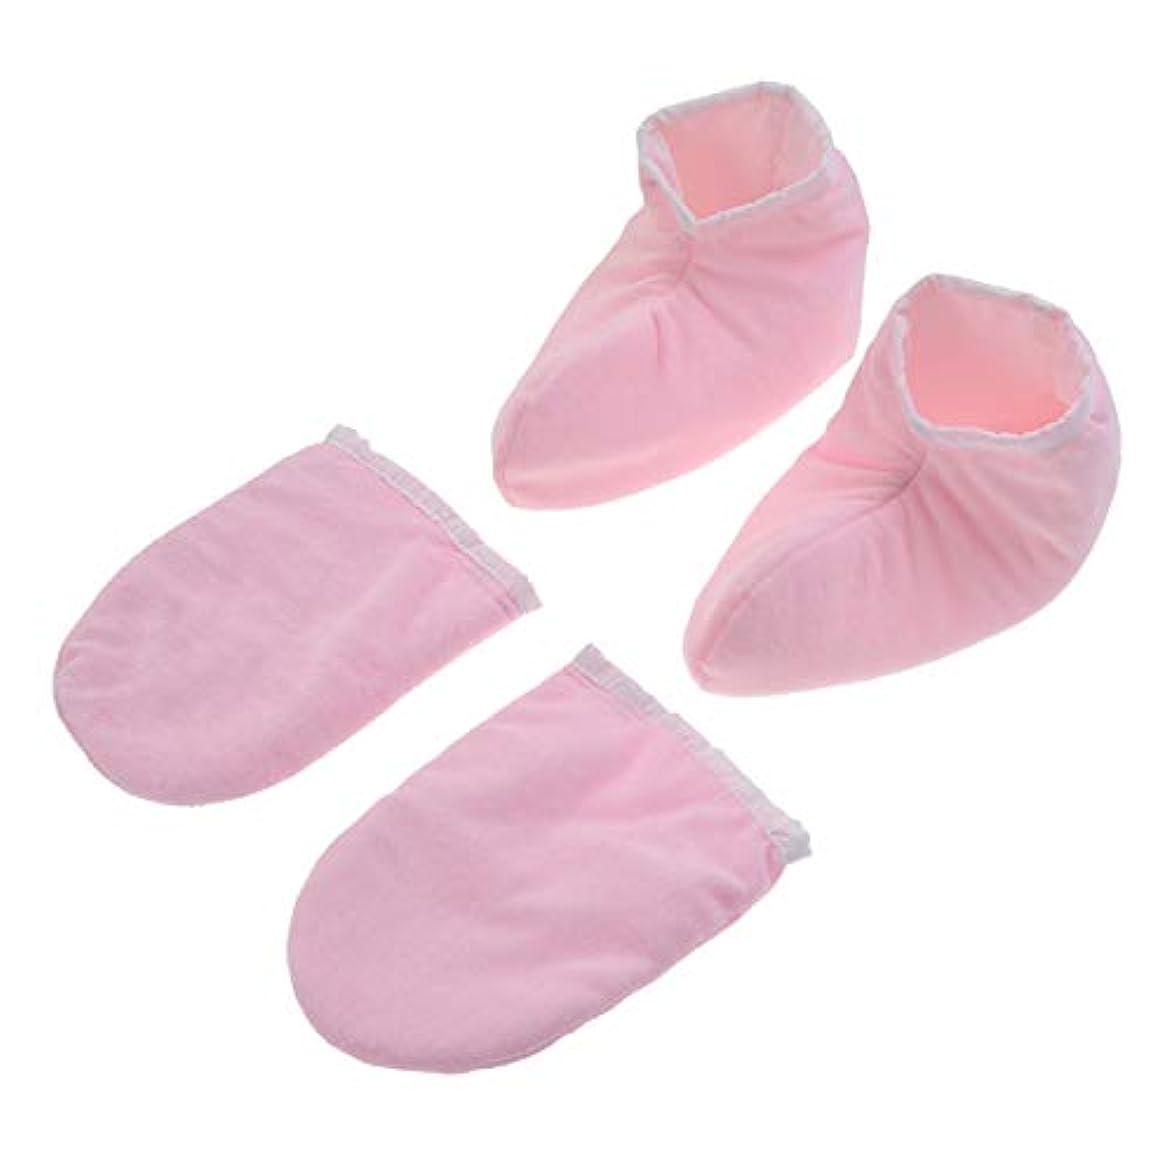 アナリスト原始的な届けるLurrose 2ペアパラフィンワックス手袋ハンドフィートトリートメントミットビューティーハンドミットセラピースパミトン女性のための美容(ピンク)